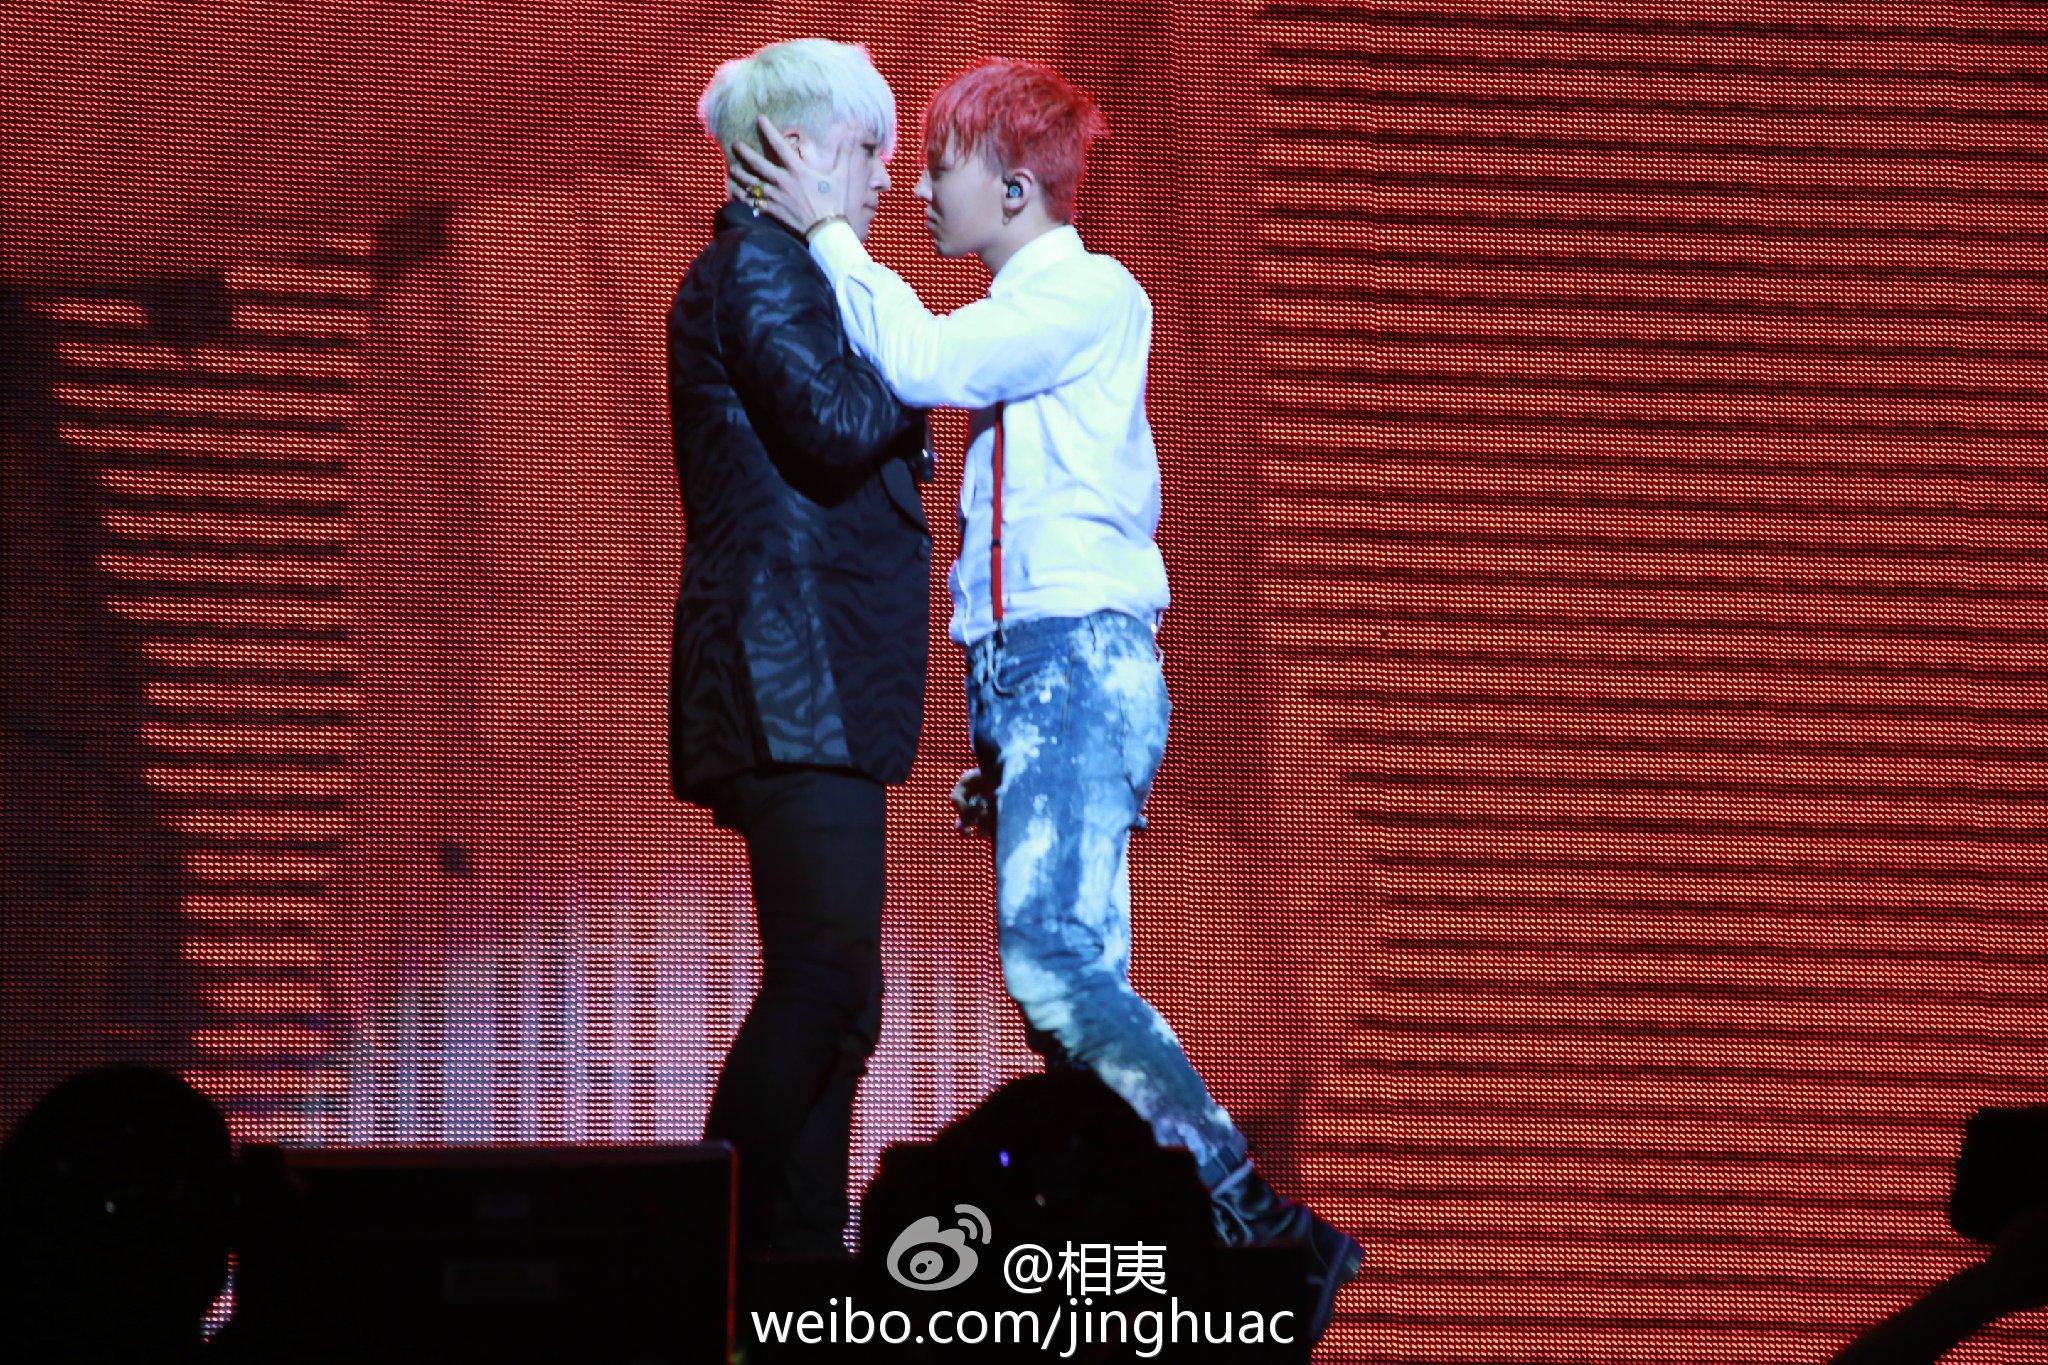 BIGBANG - Made Tour 2015 - Guangzhou - 30may2015 - jinghuac - 21.jpg